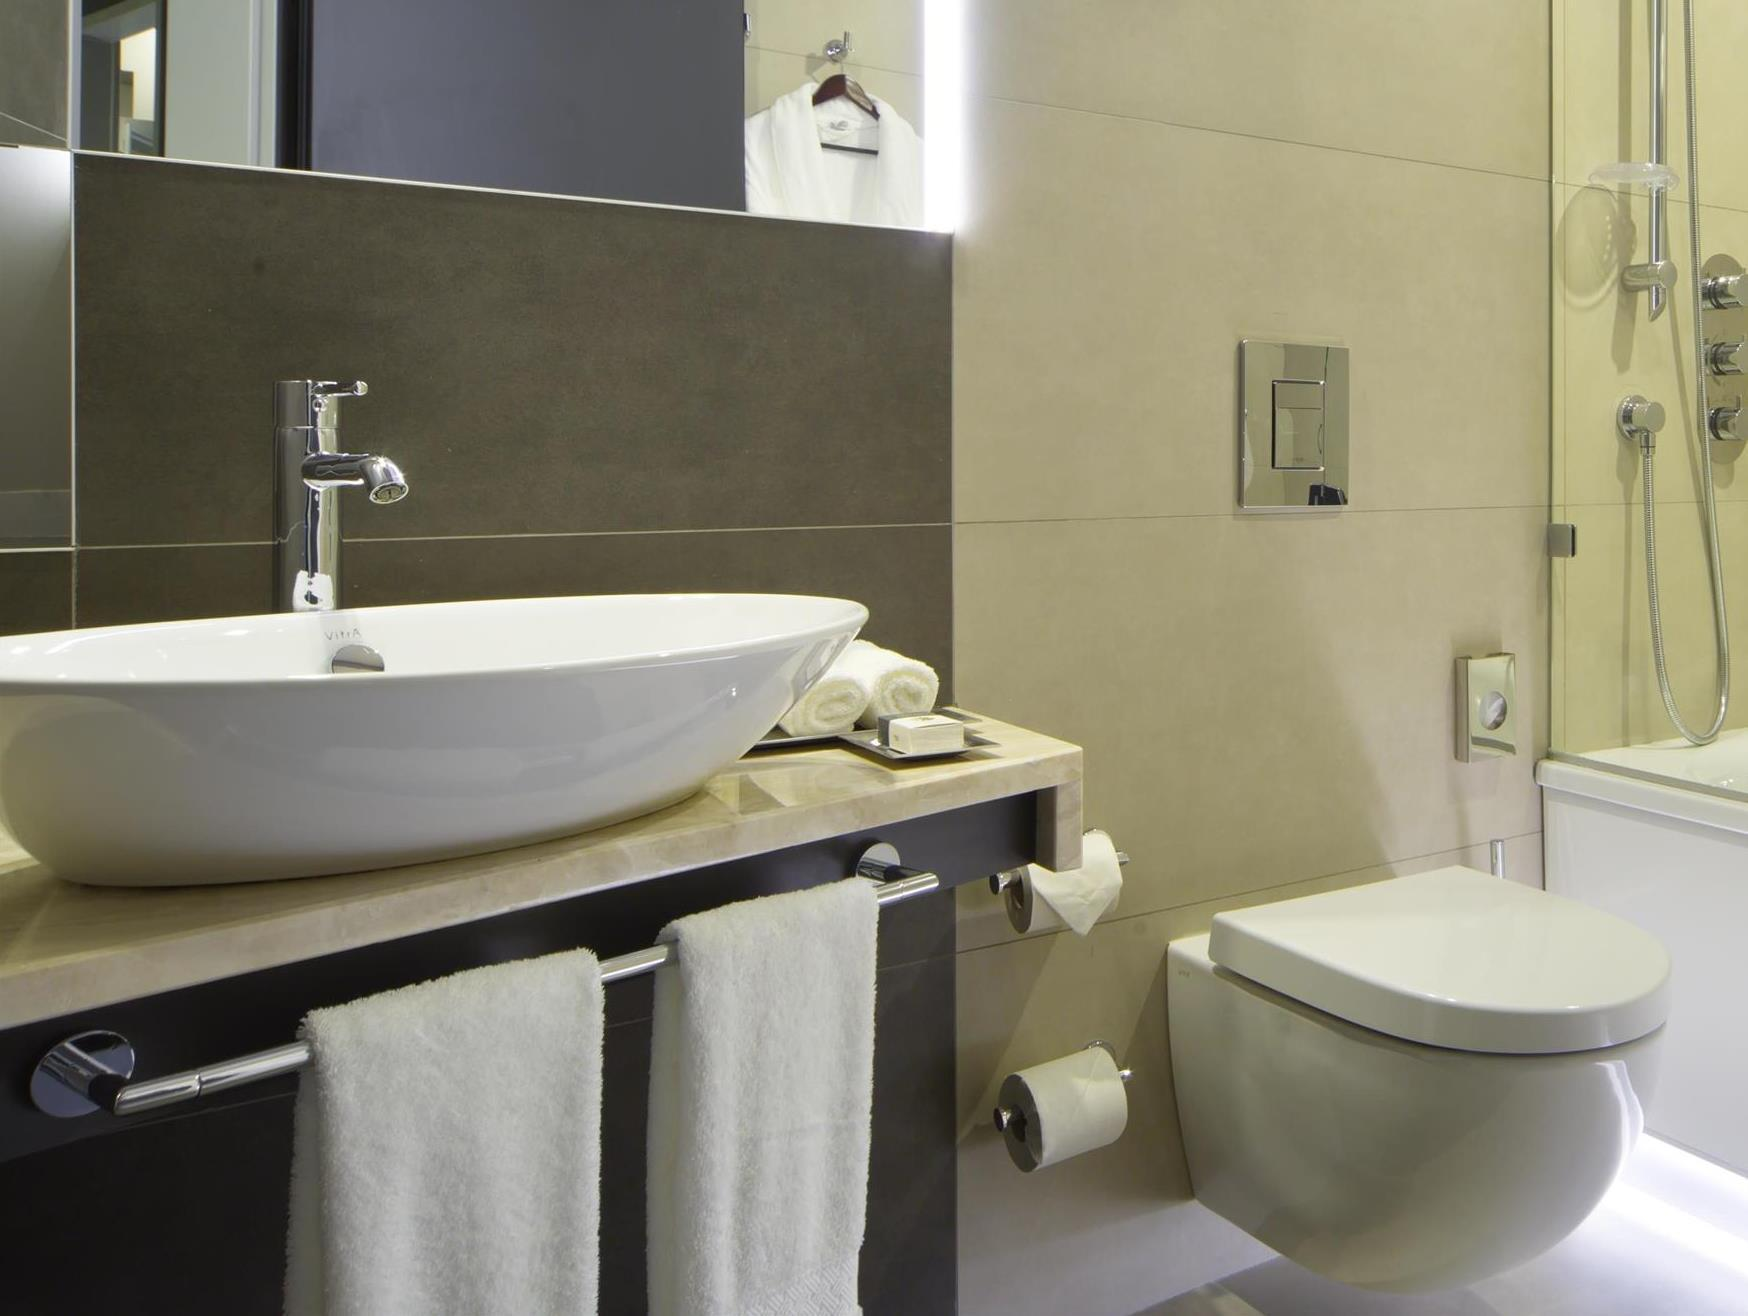 Deco Salle De Bain Suite Parentale ~ doubletree by hilton hotel ekaterinburg city centre ekaterinbourg